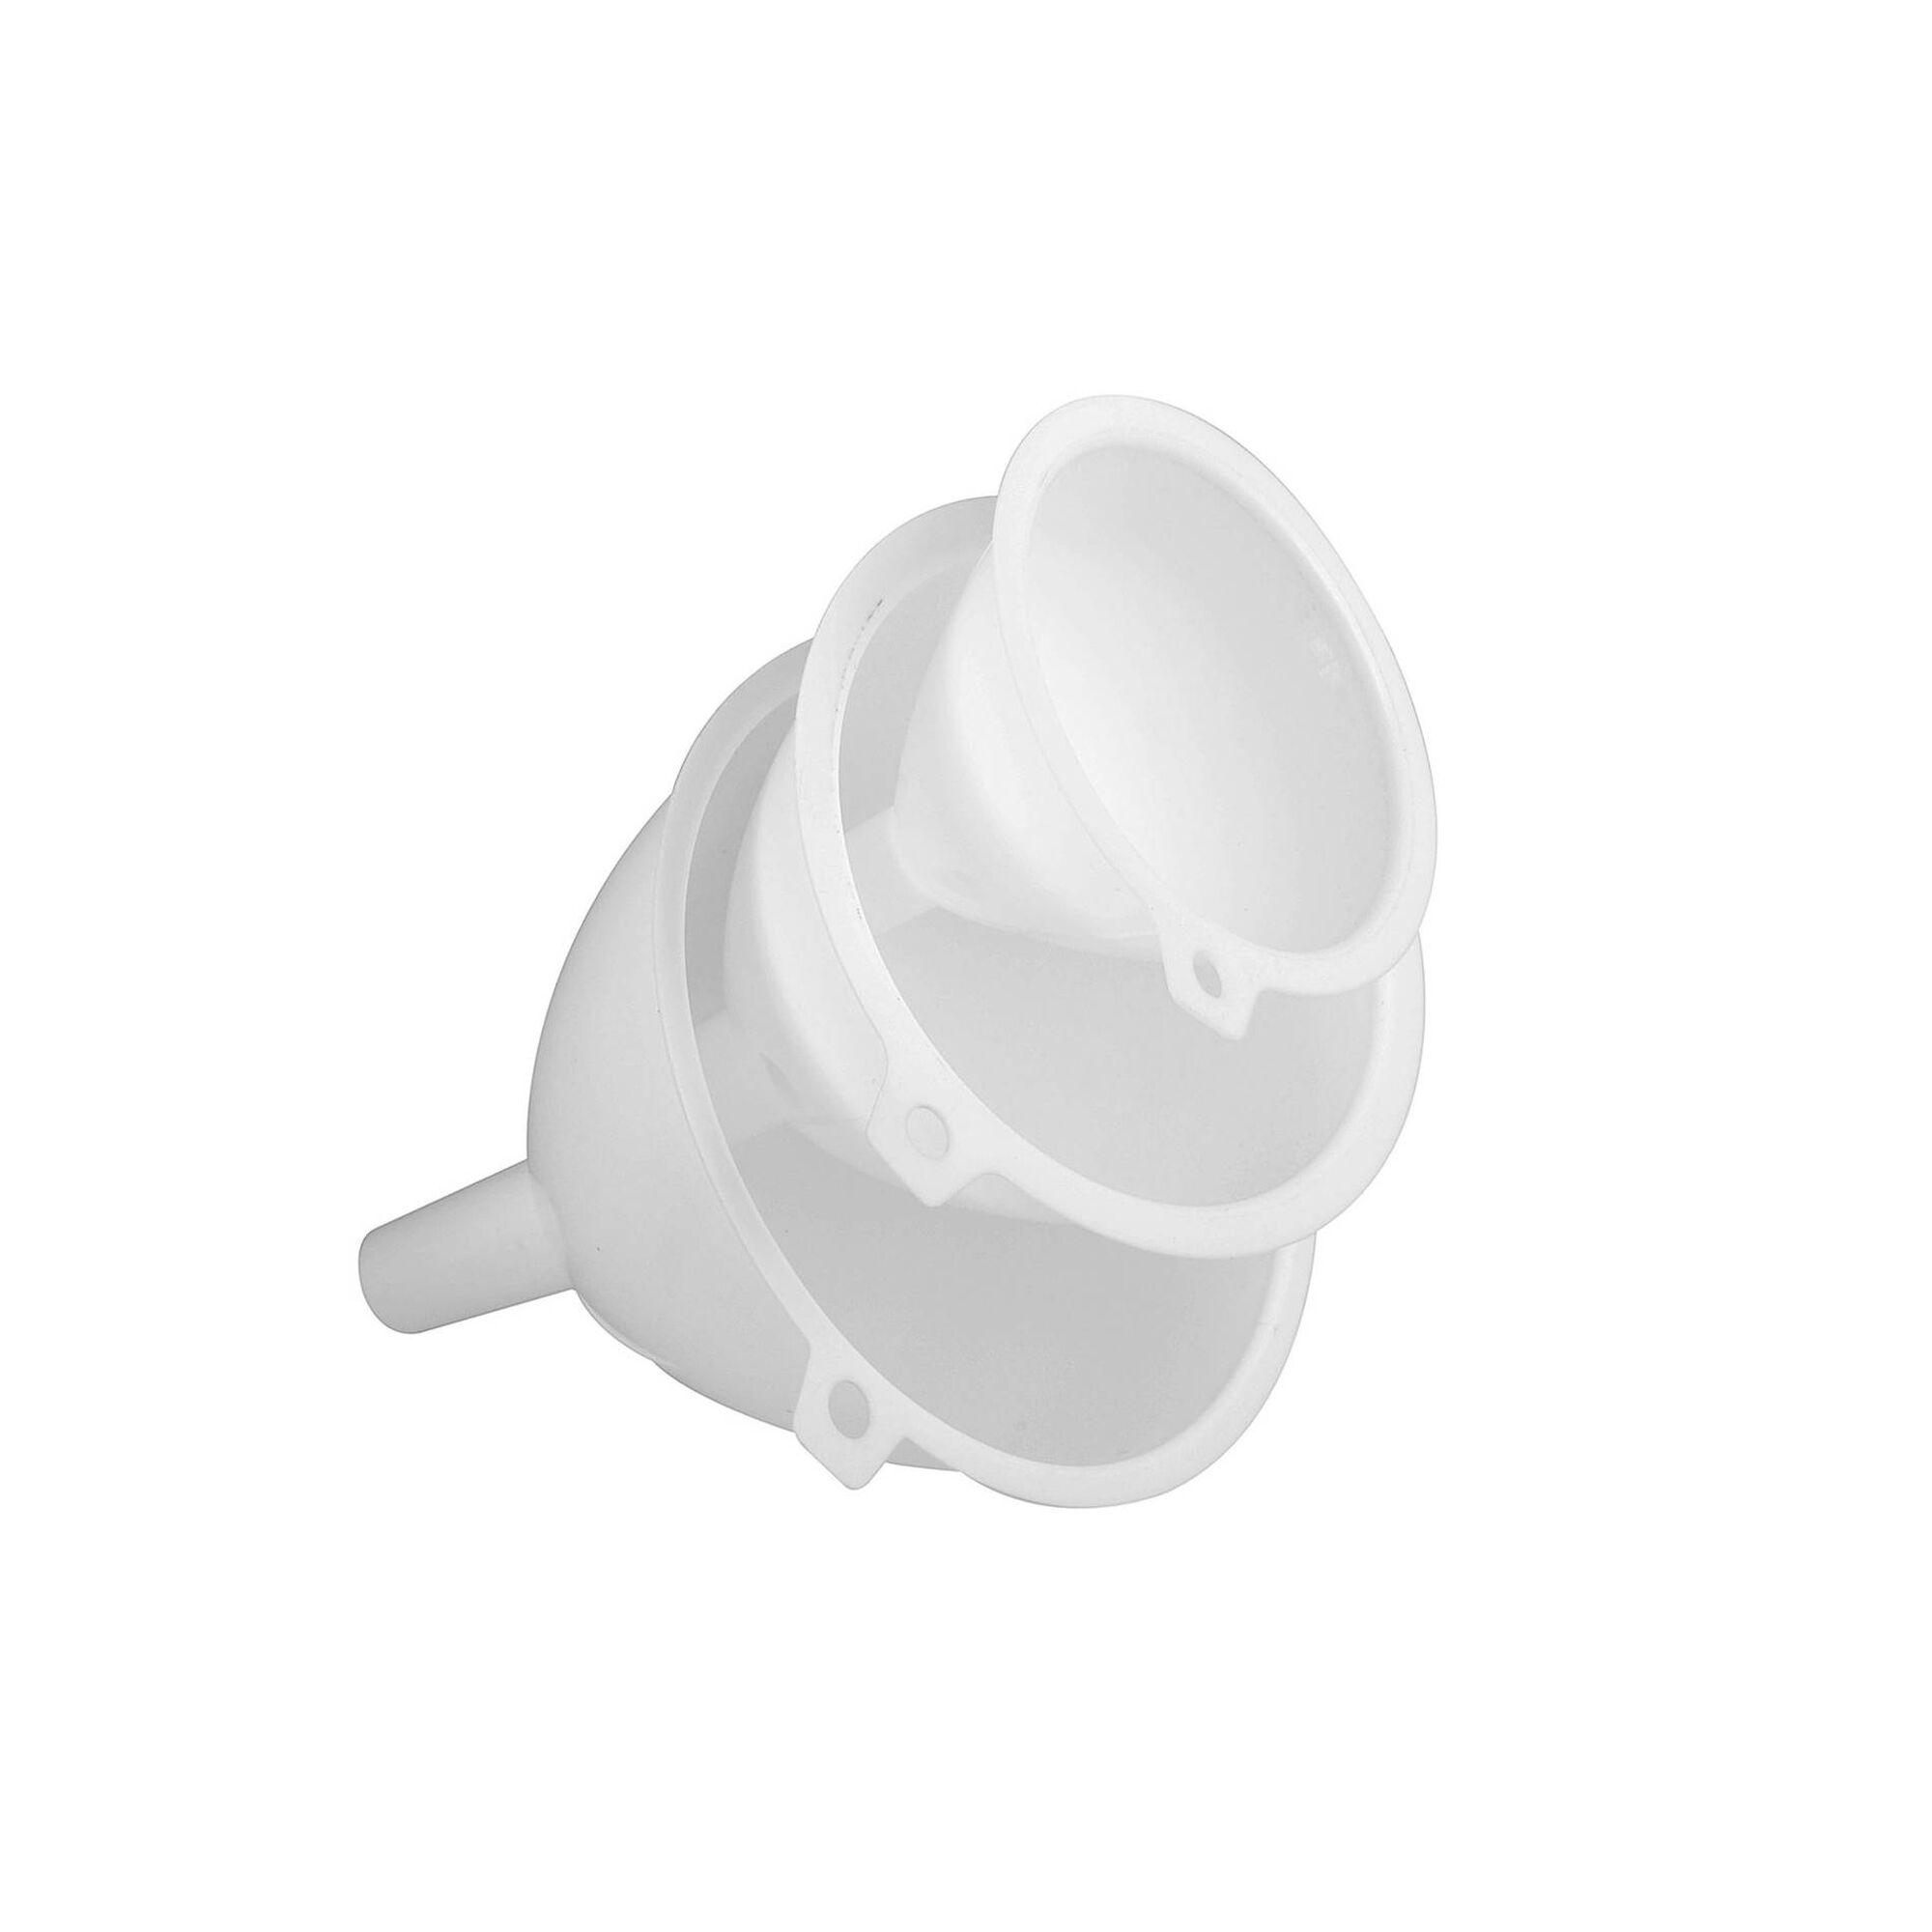 Conjunto 3 Funis Plástico Brancos Essencial